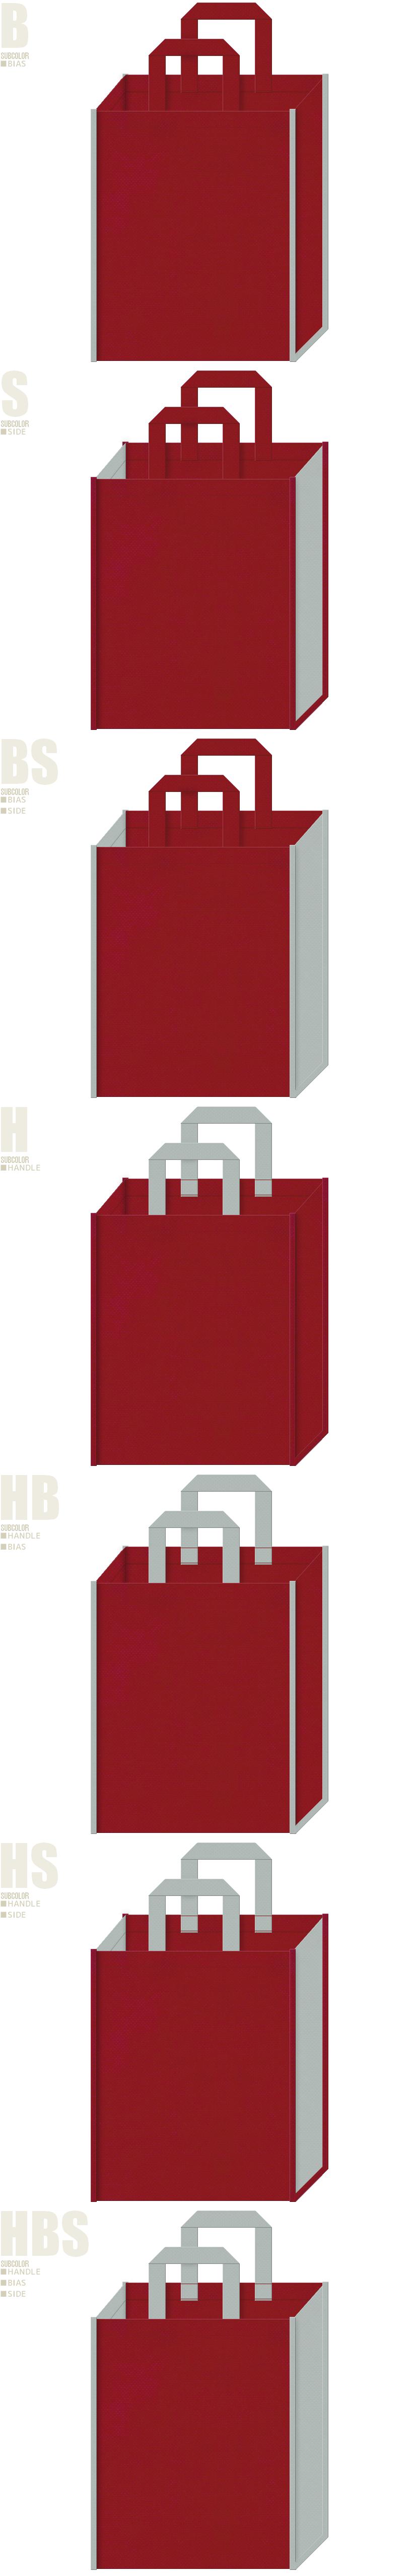 不織布バッグのデザイン:エンジ色とグレー色の配色7パターン